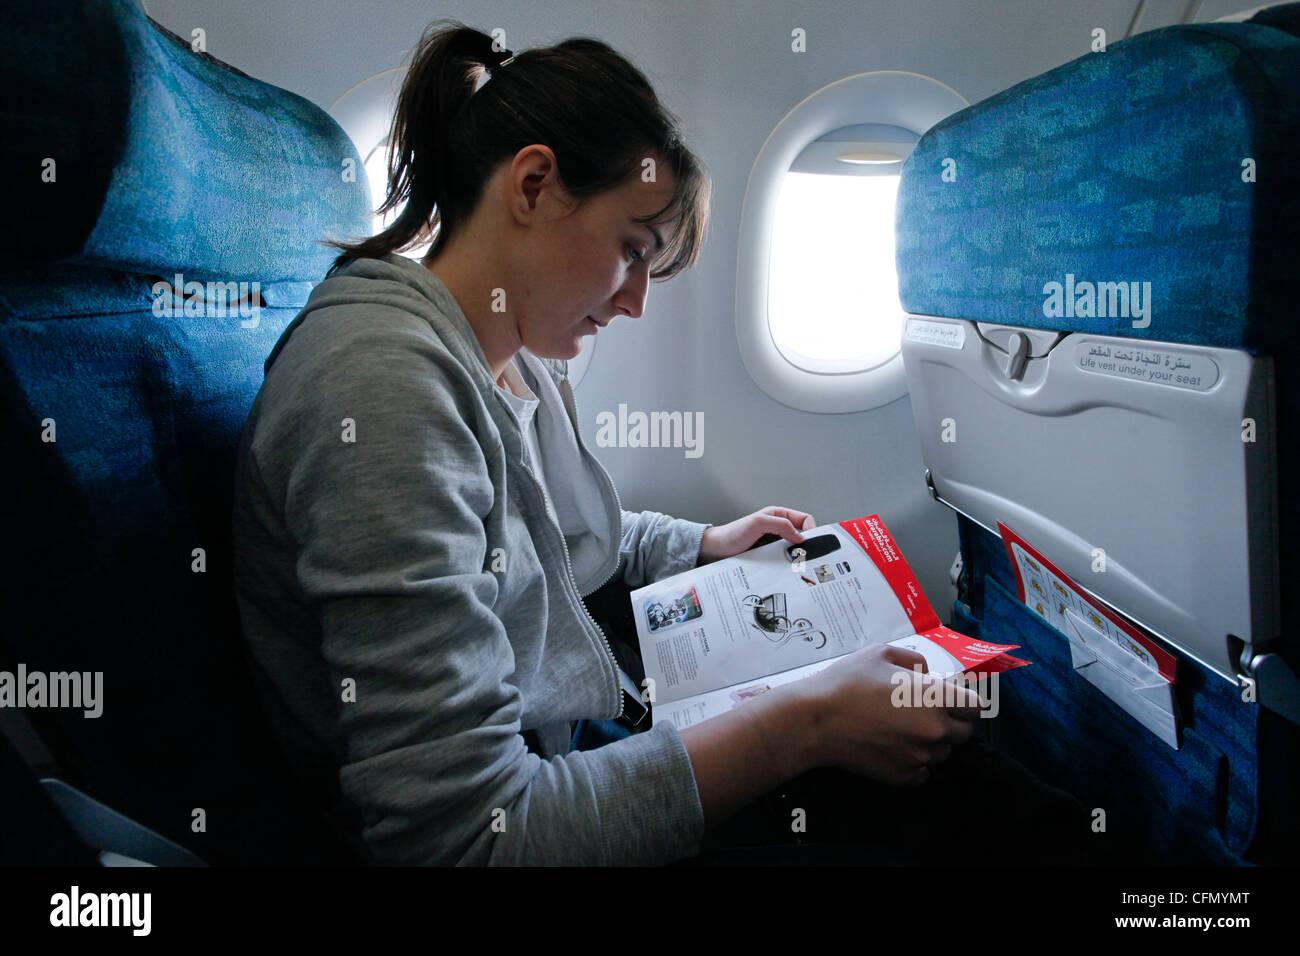 Una giovane donna legge un catalogo durante un volo Immagini Stock